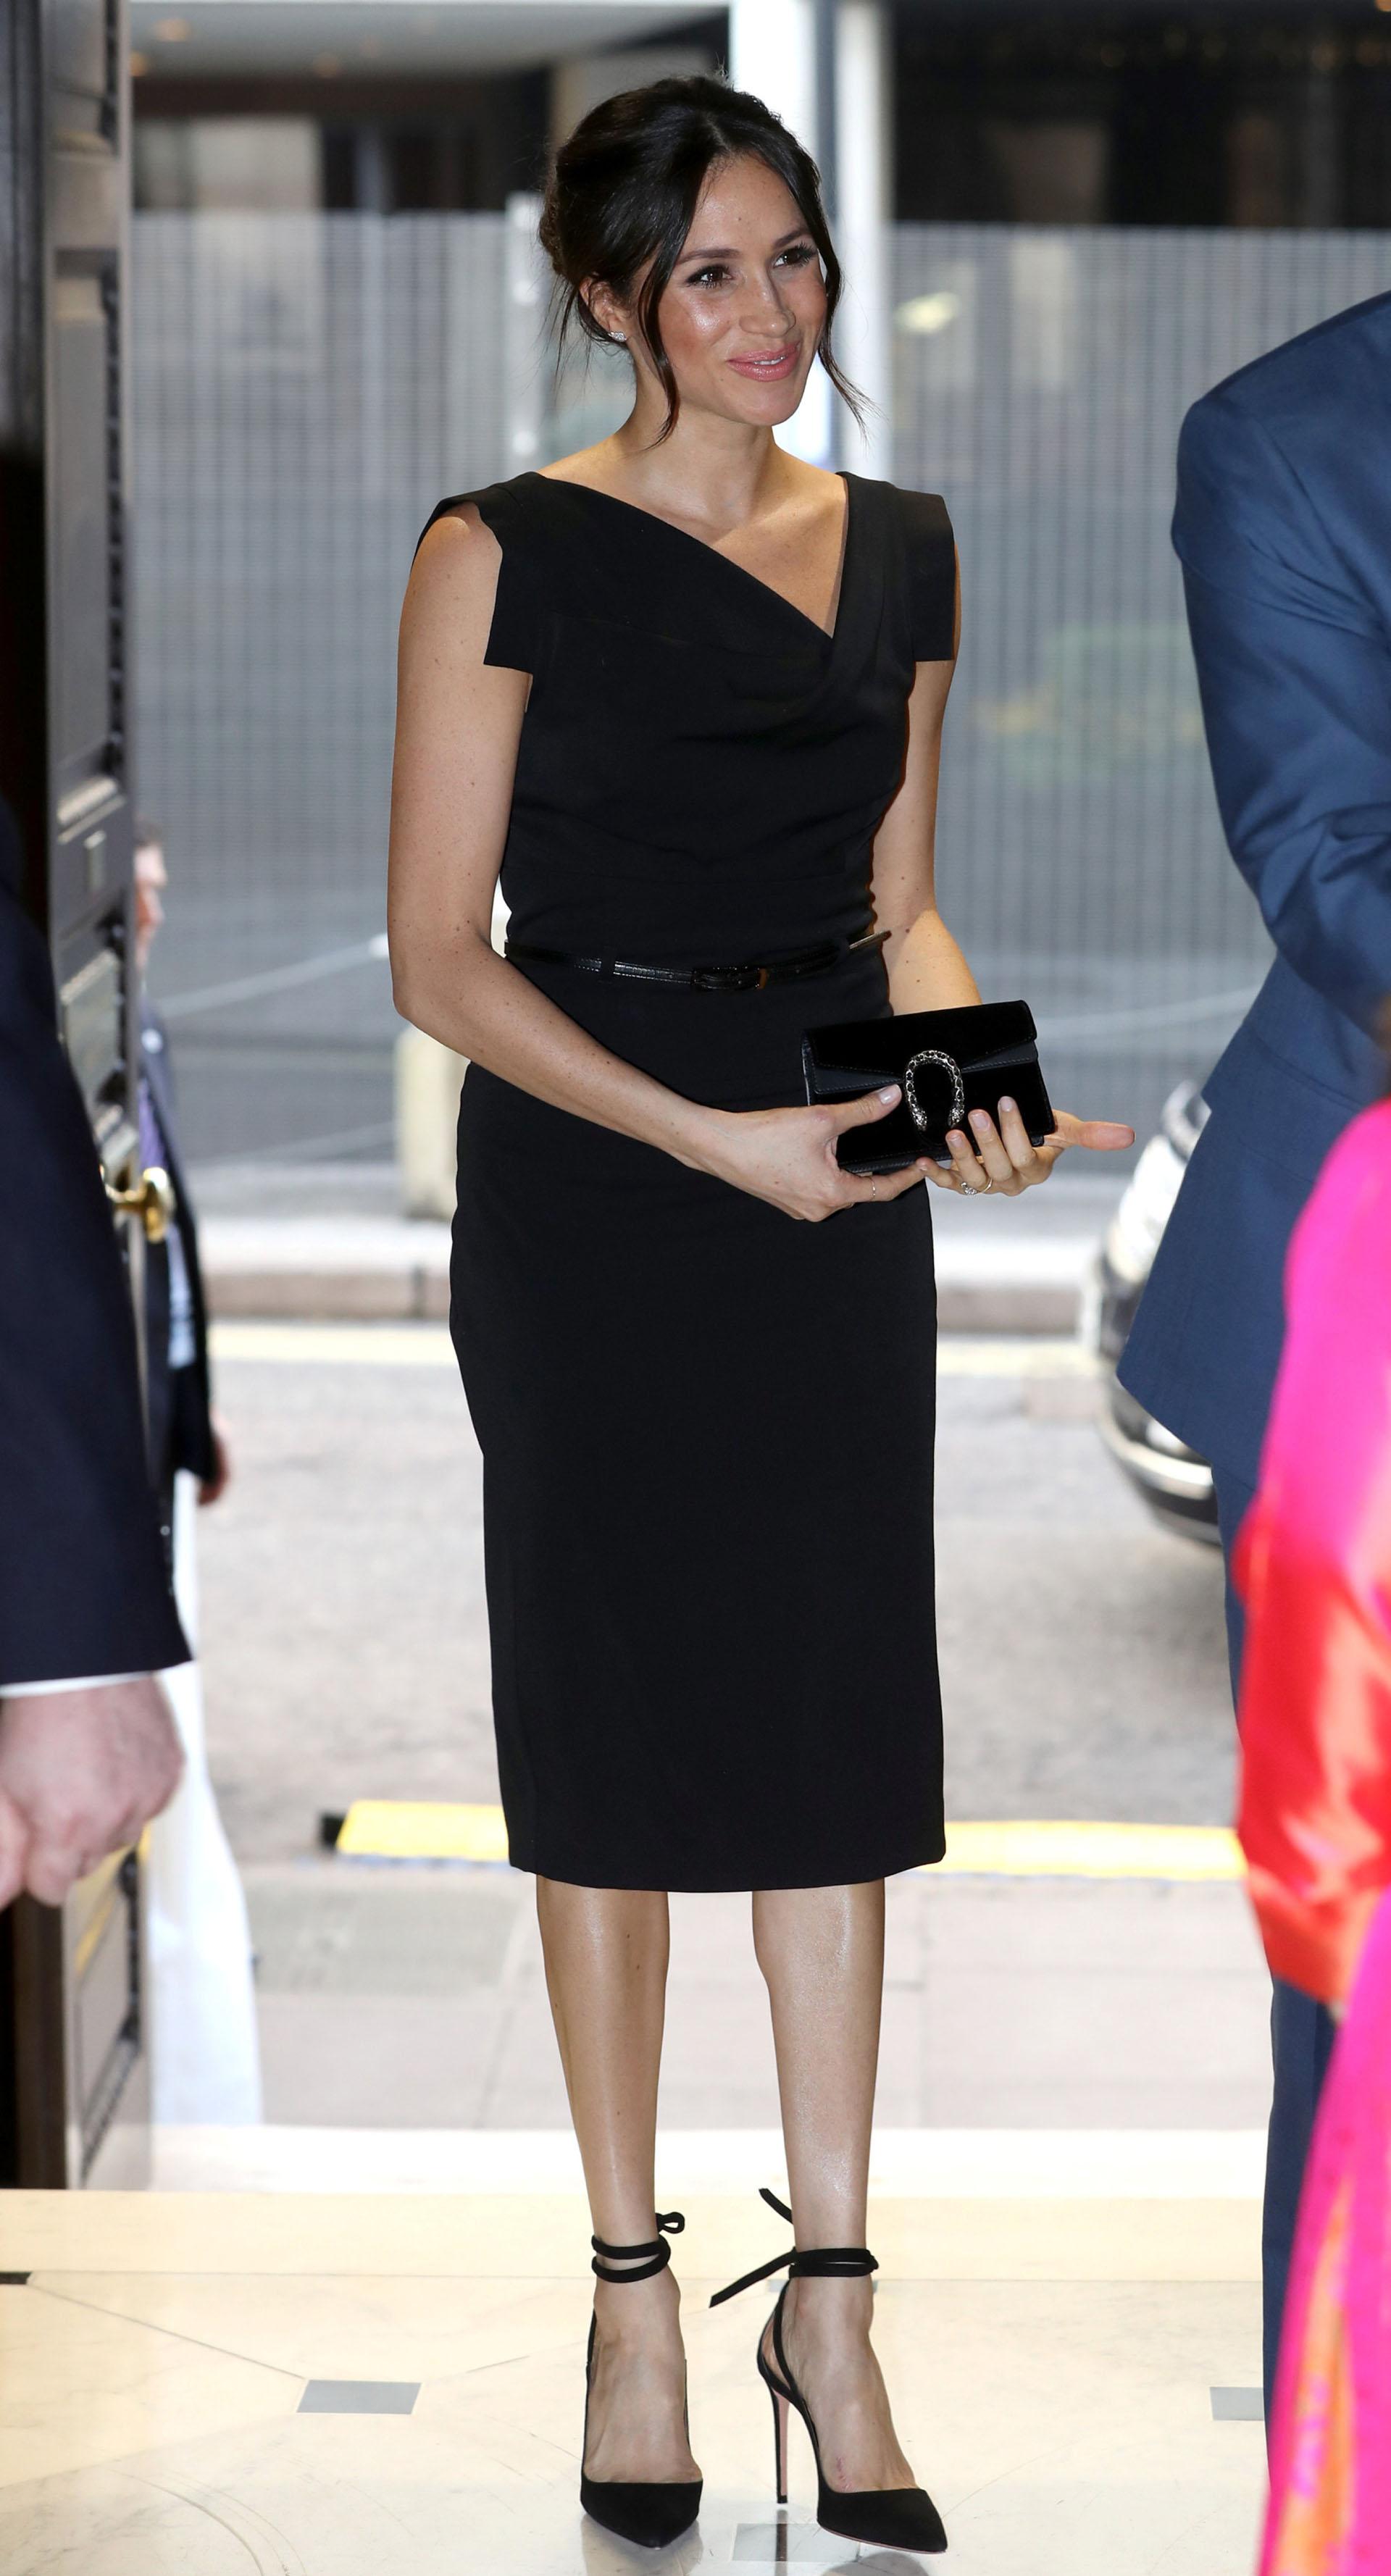 La ex actriz estadounidense, de 36 años, eligió un elegante look totalmente negro, con un vestido debajo de la rodilla y cartera Gucci